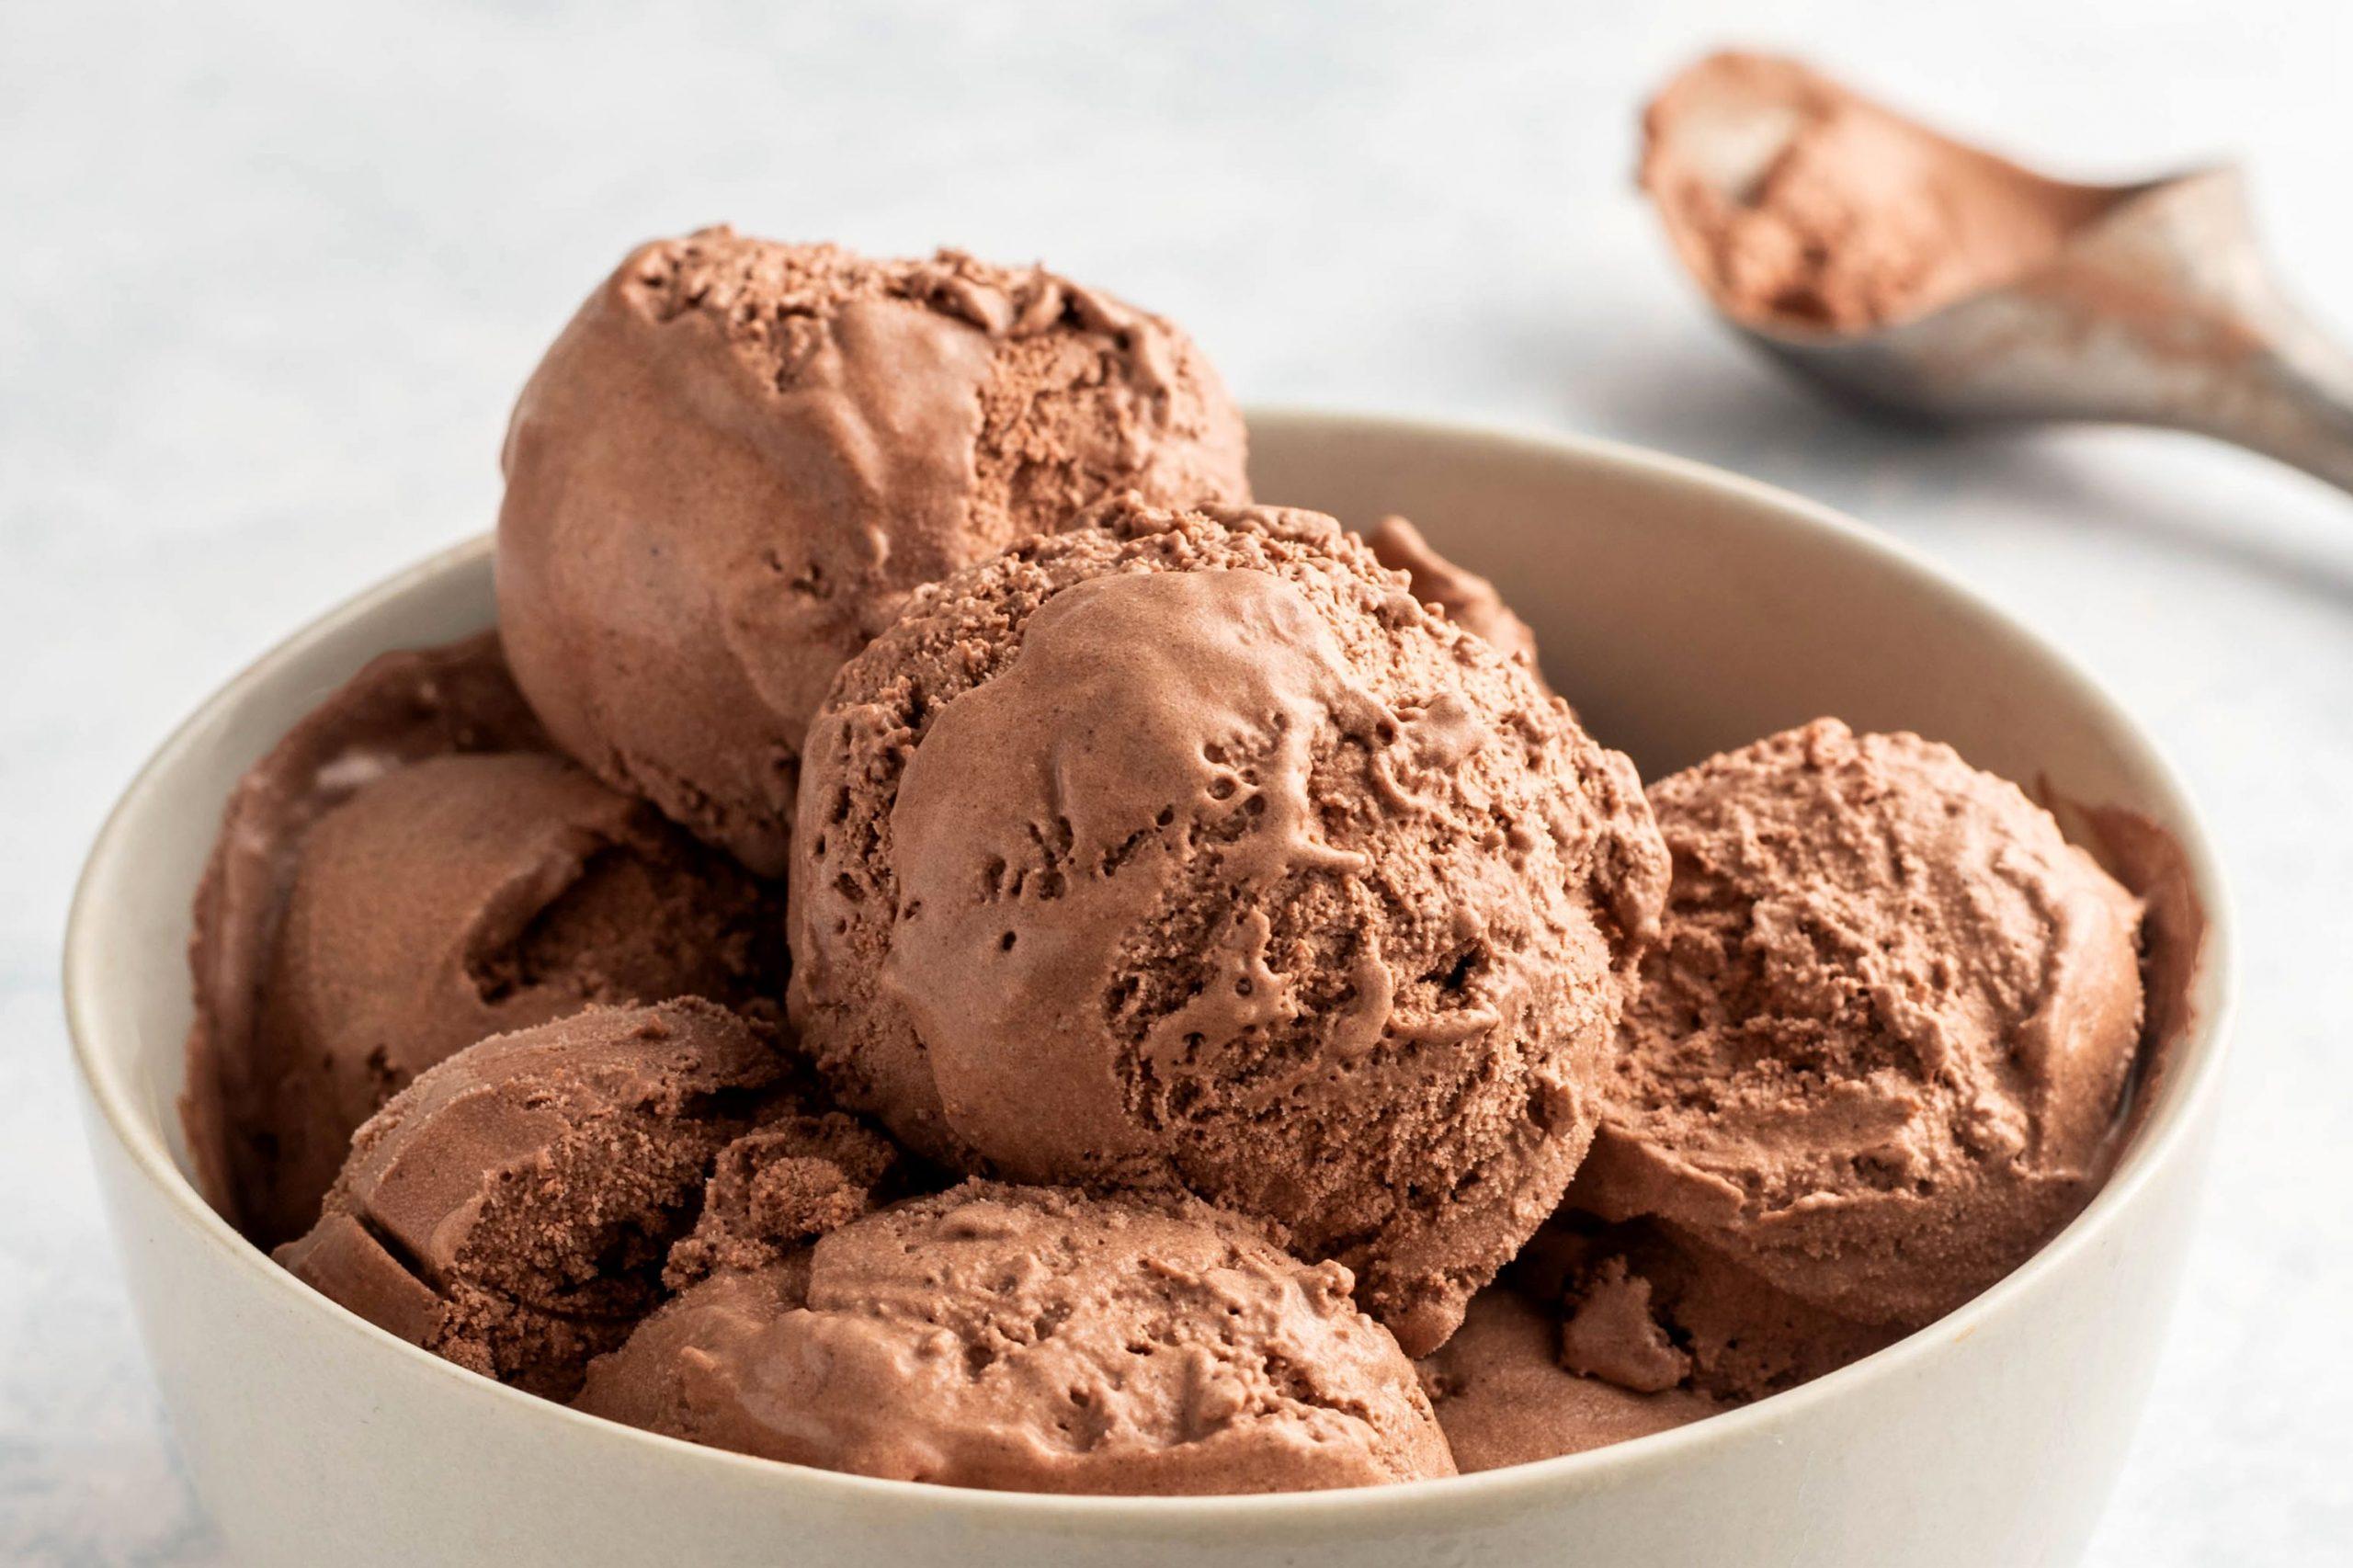 Το τέλειο παγωτό σοκολάτα σε 1 λεπτό